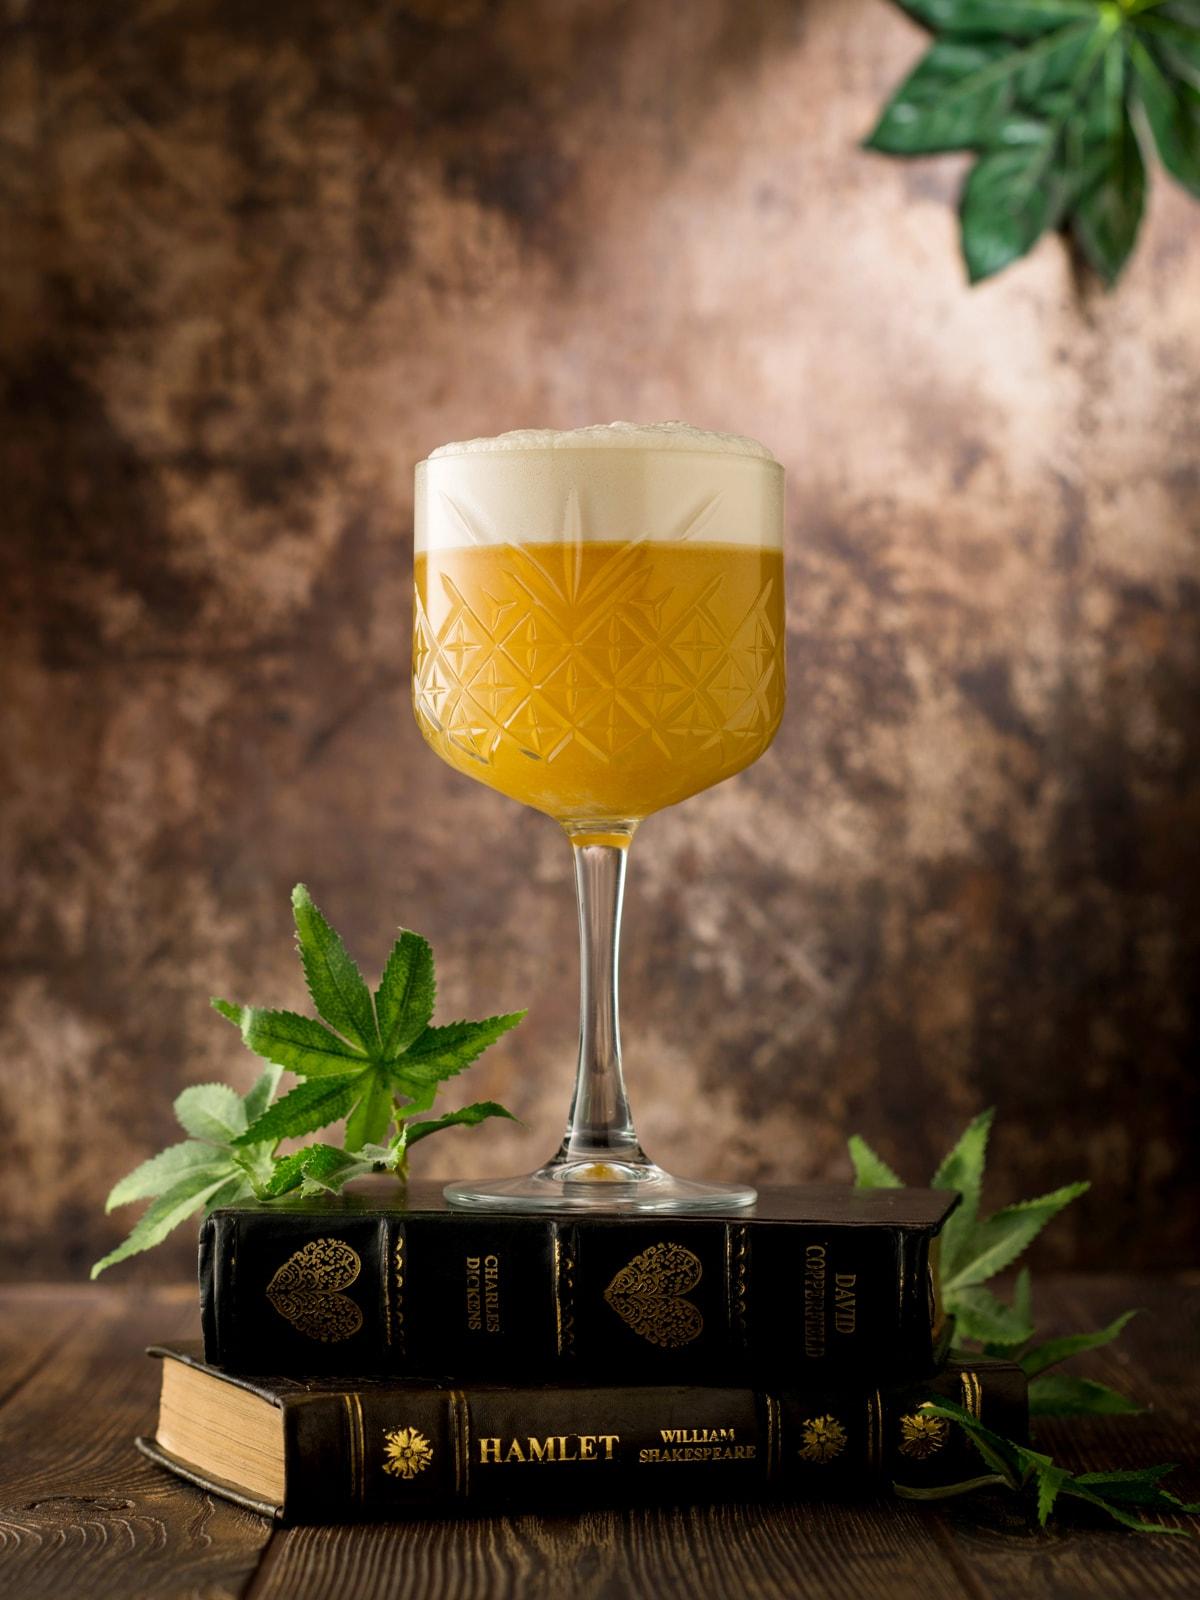 cocktails at the drunken botanist